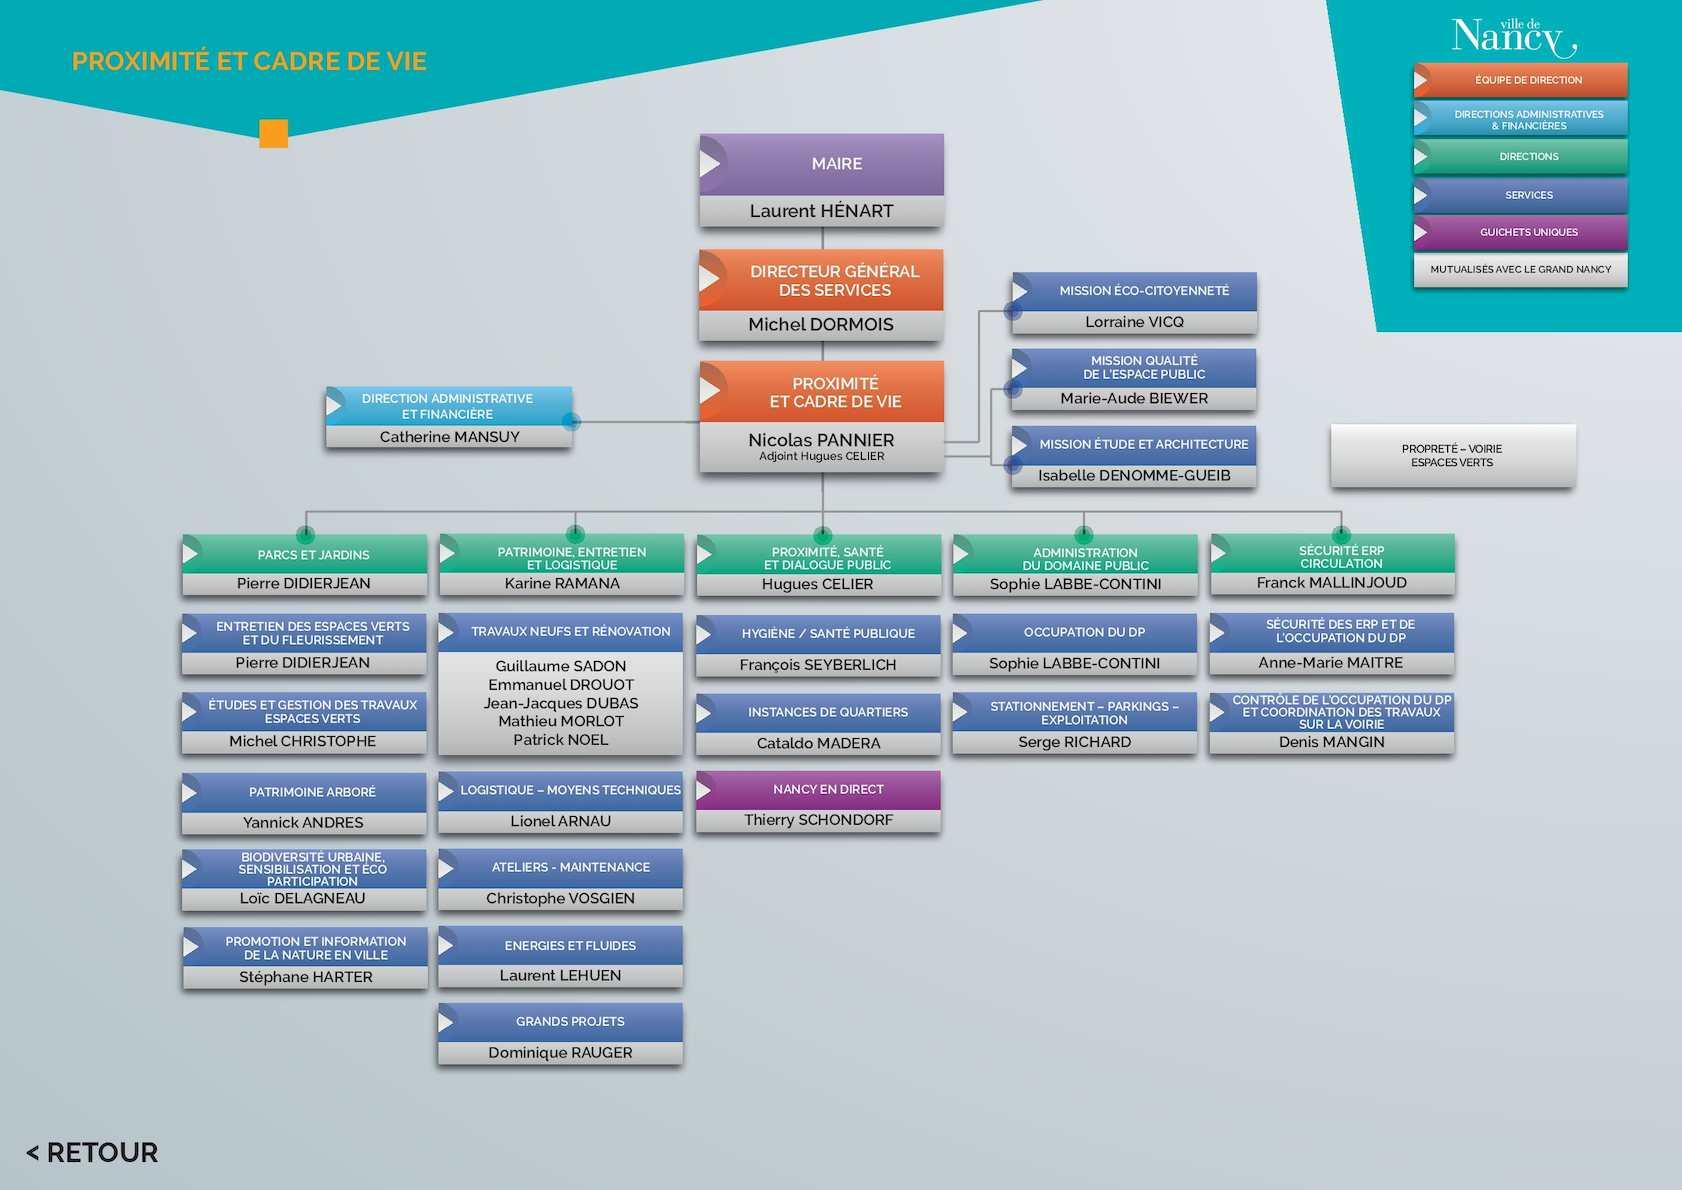 calam 233 o organigramme des services de la ville de nancy proximit 233 et cadre de vie